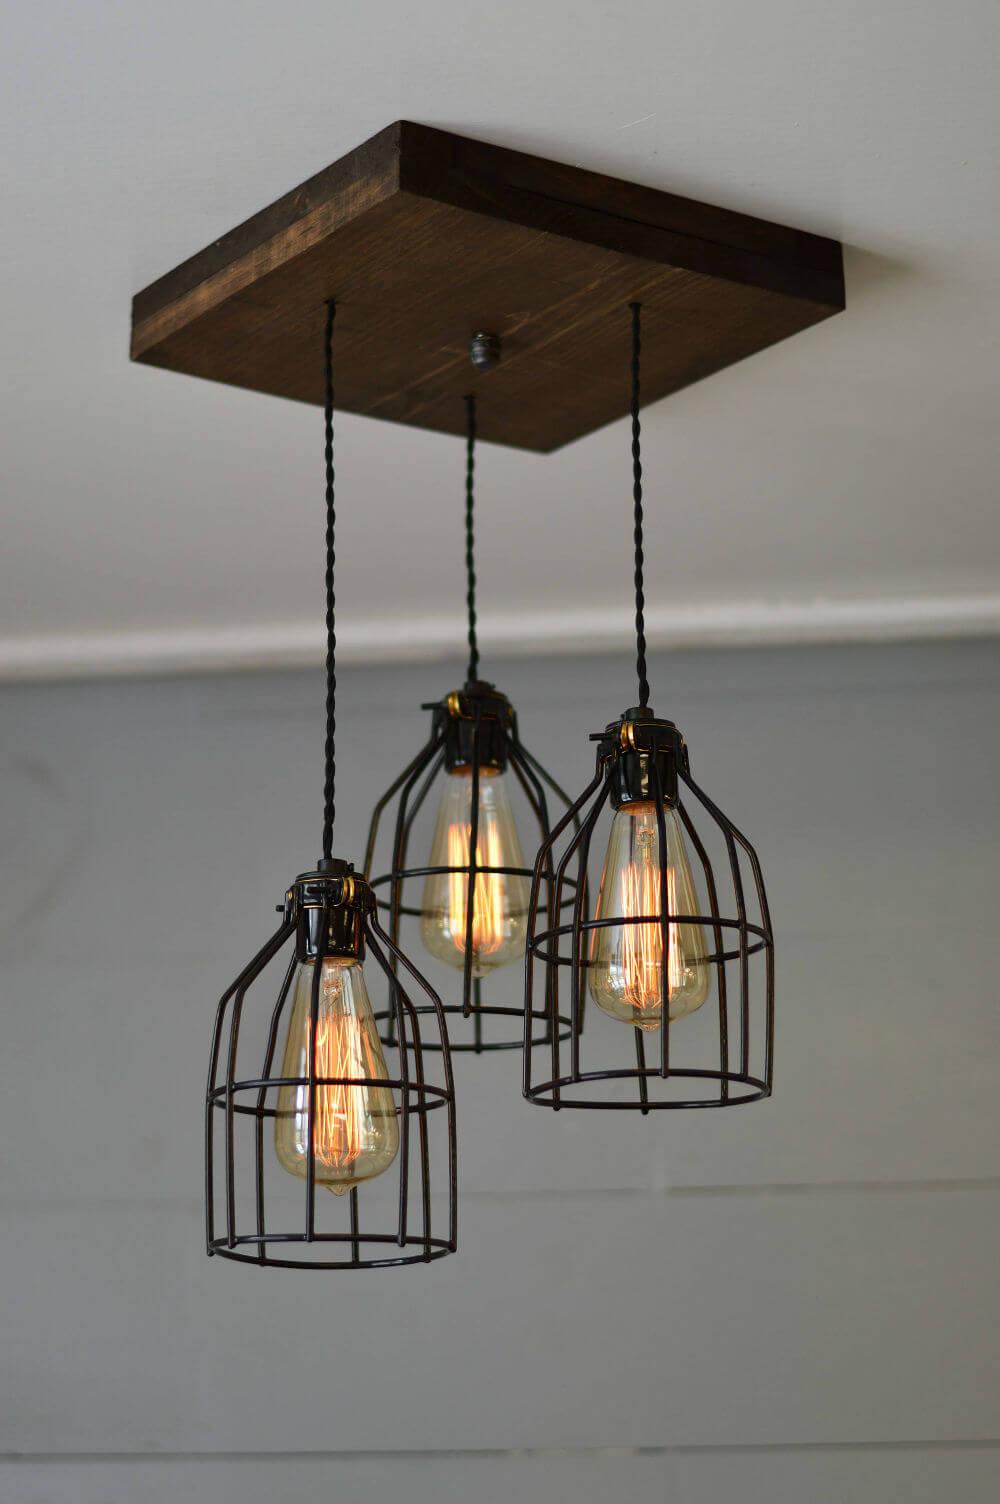 Éclairage de ferme offrant une simplicité élégante